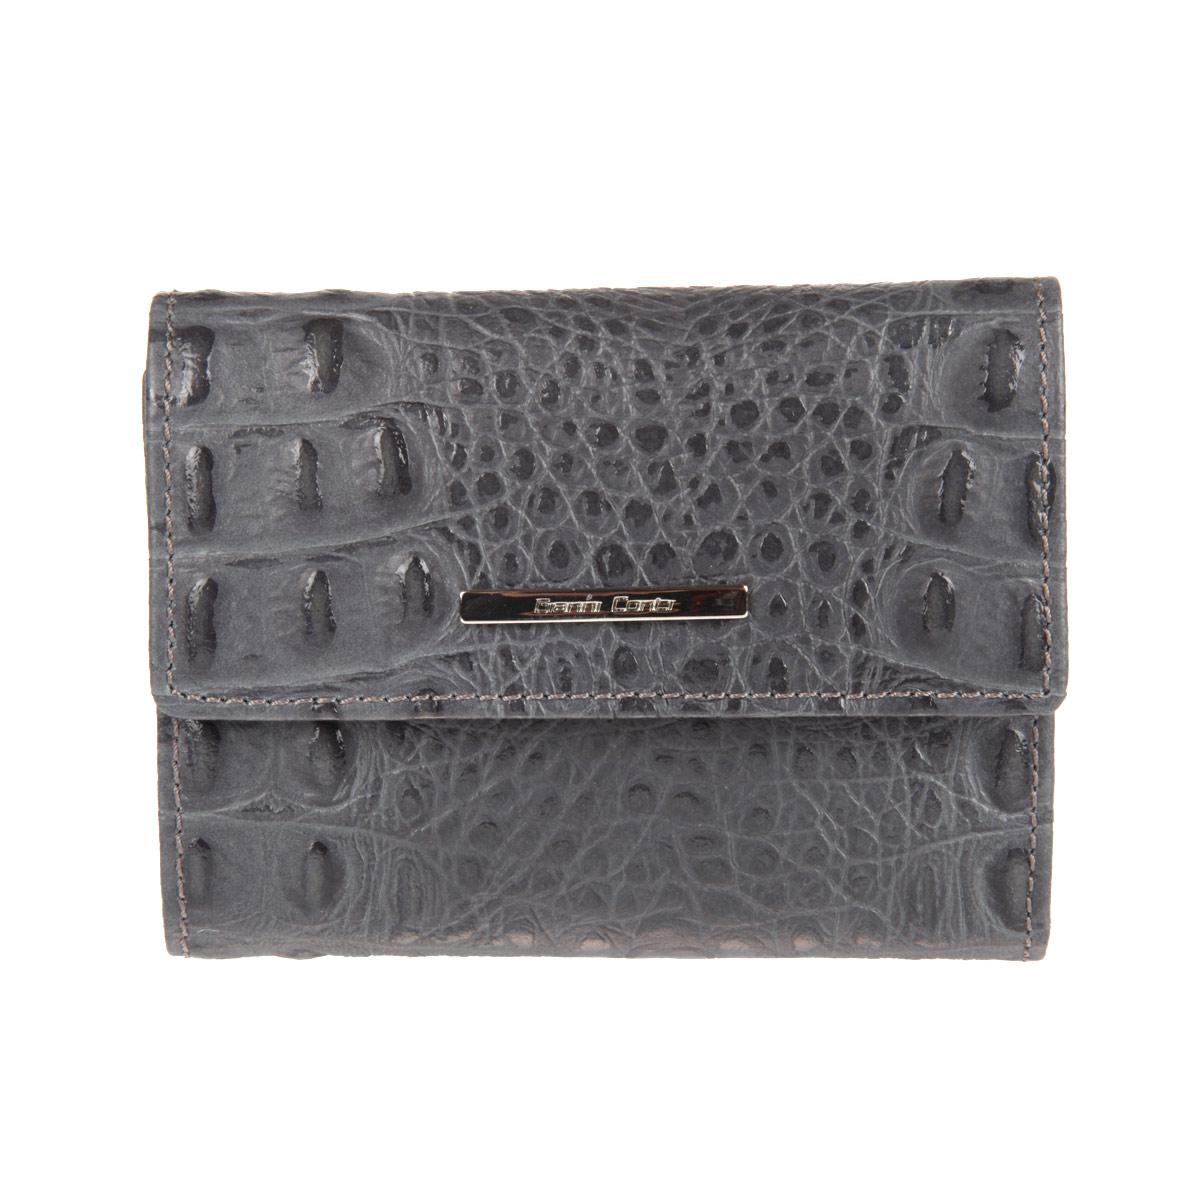 Портмоне Gianni Conti, цвет: серый. 19382531938253 grey/yellowПортмоне Gianni Conti выполнено из высококачественной натуральной кожи и оформлено металлической пластинкой с надписью в виде названия бренда. Портмоне закрывается клапаном на кнопку. Внутри портмоне имеет два отдела для купюр, восемь отделений для пластиковых карт, сетчатый кармашек, пять карманов для документов, кармашек на кнопке для мелочи и один потайной карман. Портмоне упаковано в коробку из плотного картона с логотипом фирмы. Это элегантное портмоне непременно подойдет к вашему образу и порадует утонченным стилем и функциональностью.